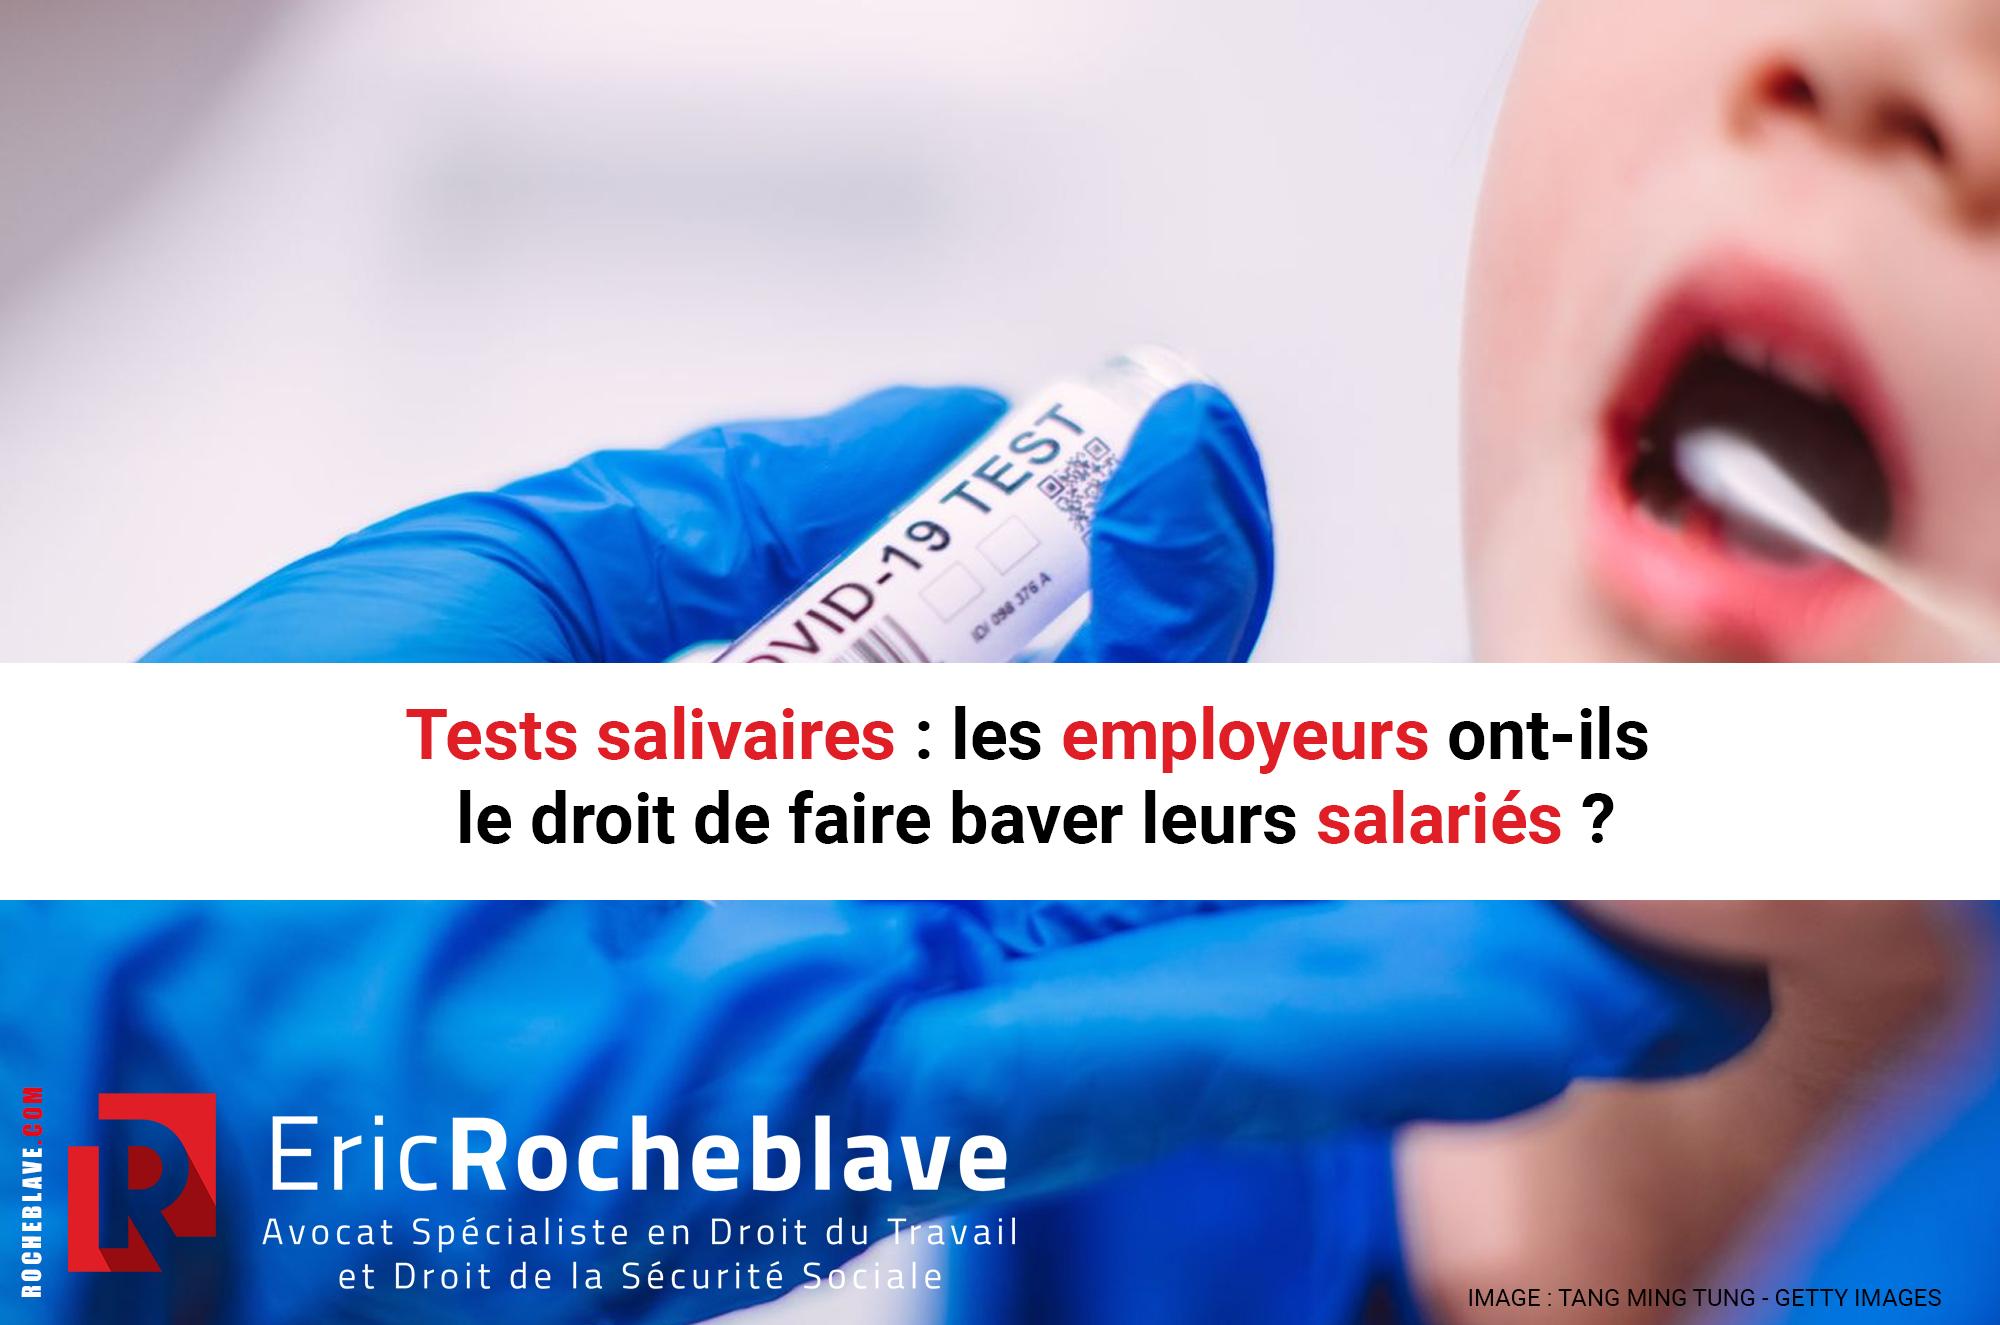 Tests salivaires : les employeurs ont-ils le droit de faire baver leurs salariés ?